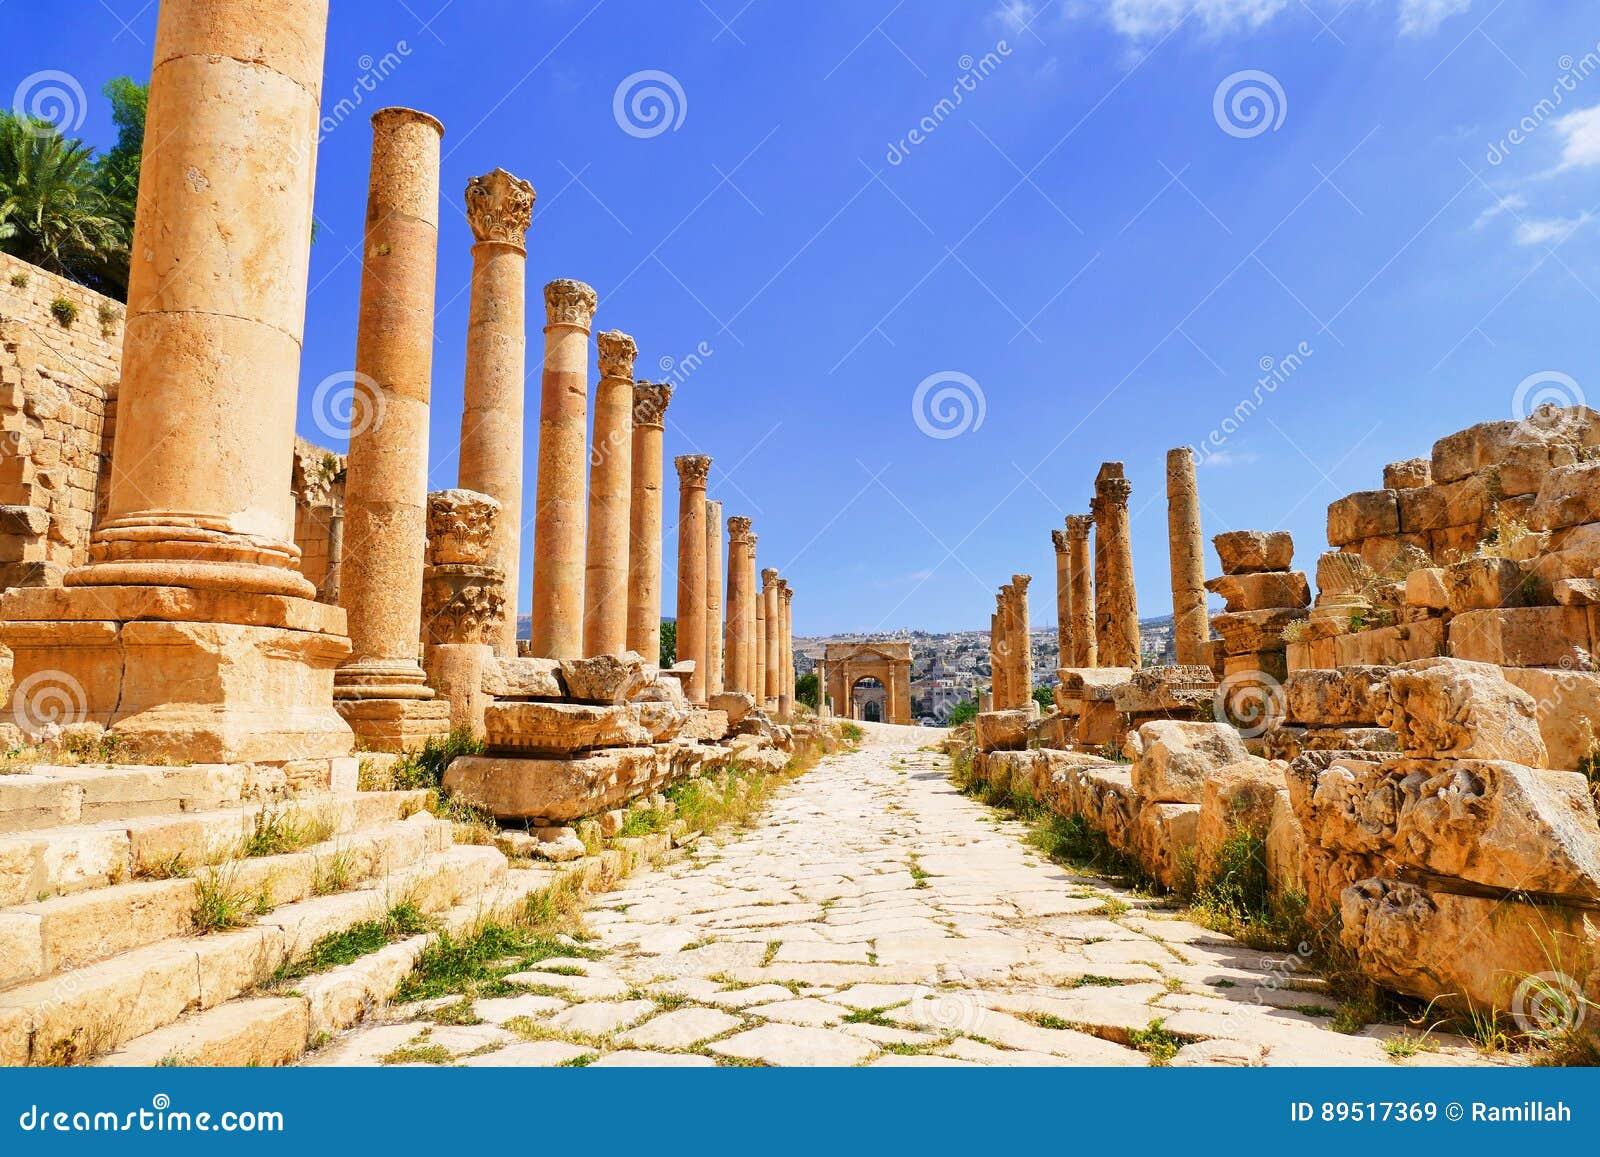 Colunas greco-romanas antigas do Corinthian da vista cênico em Cardo Colonnaded ao Tetrapylon norte em Jerash, Jordânia